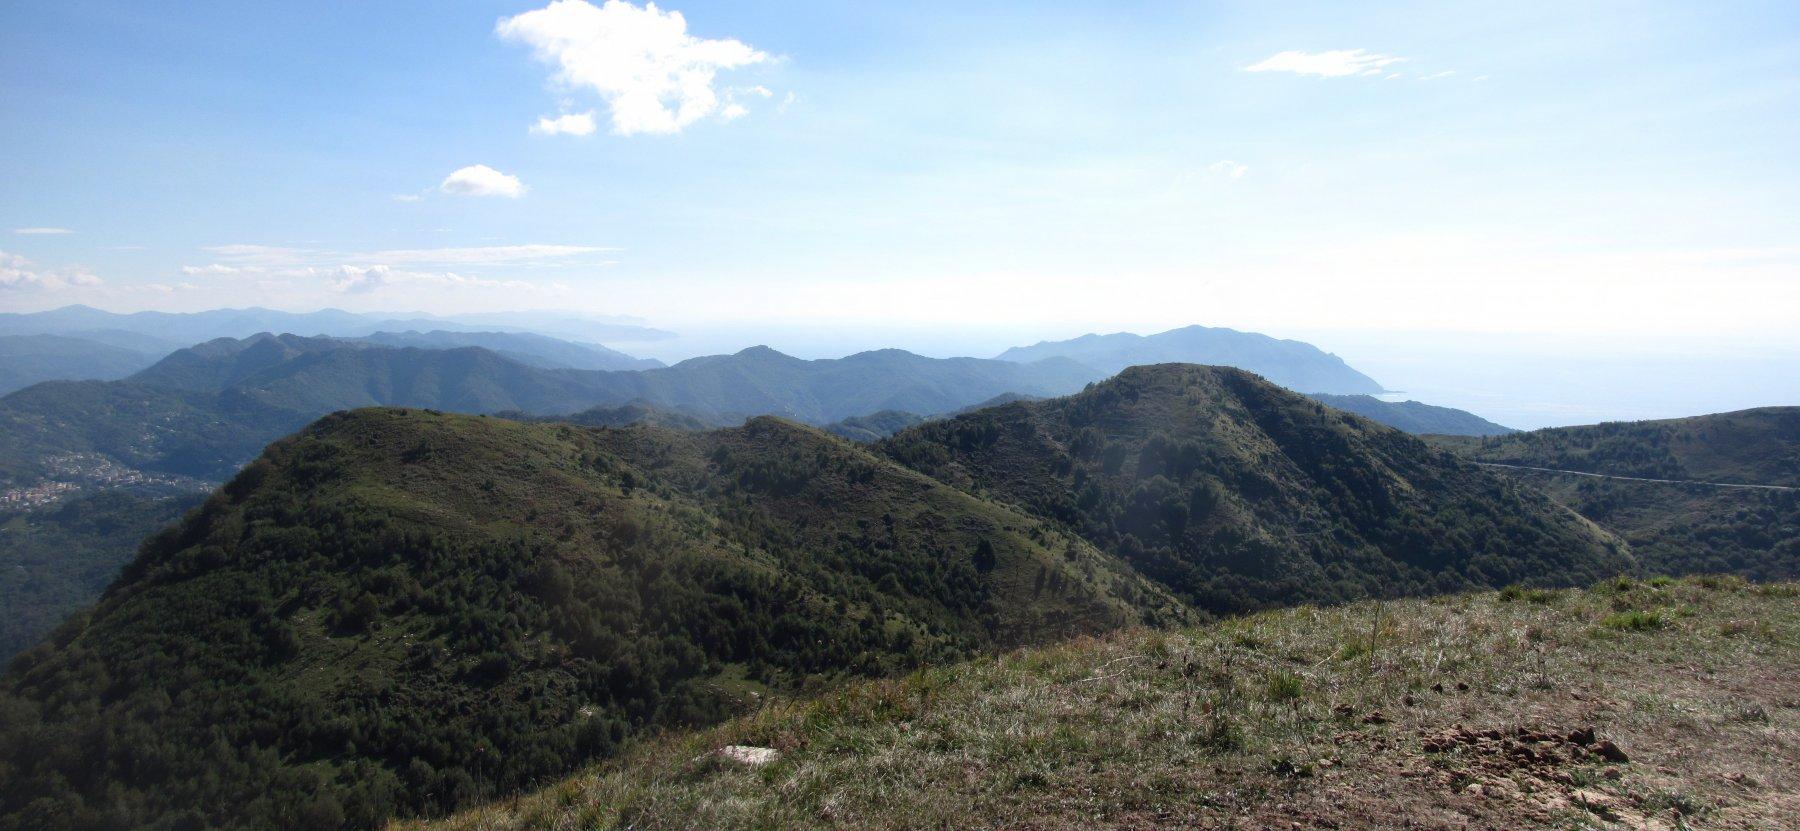 davanti i monti Bado e Becco